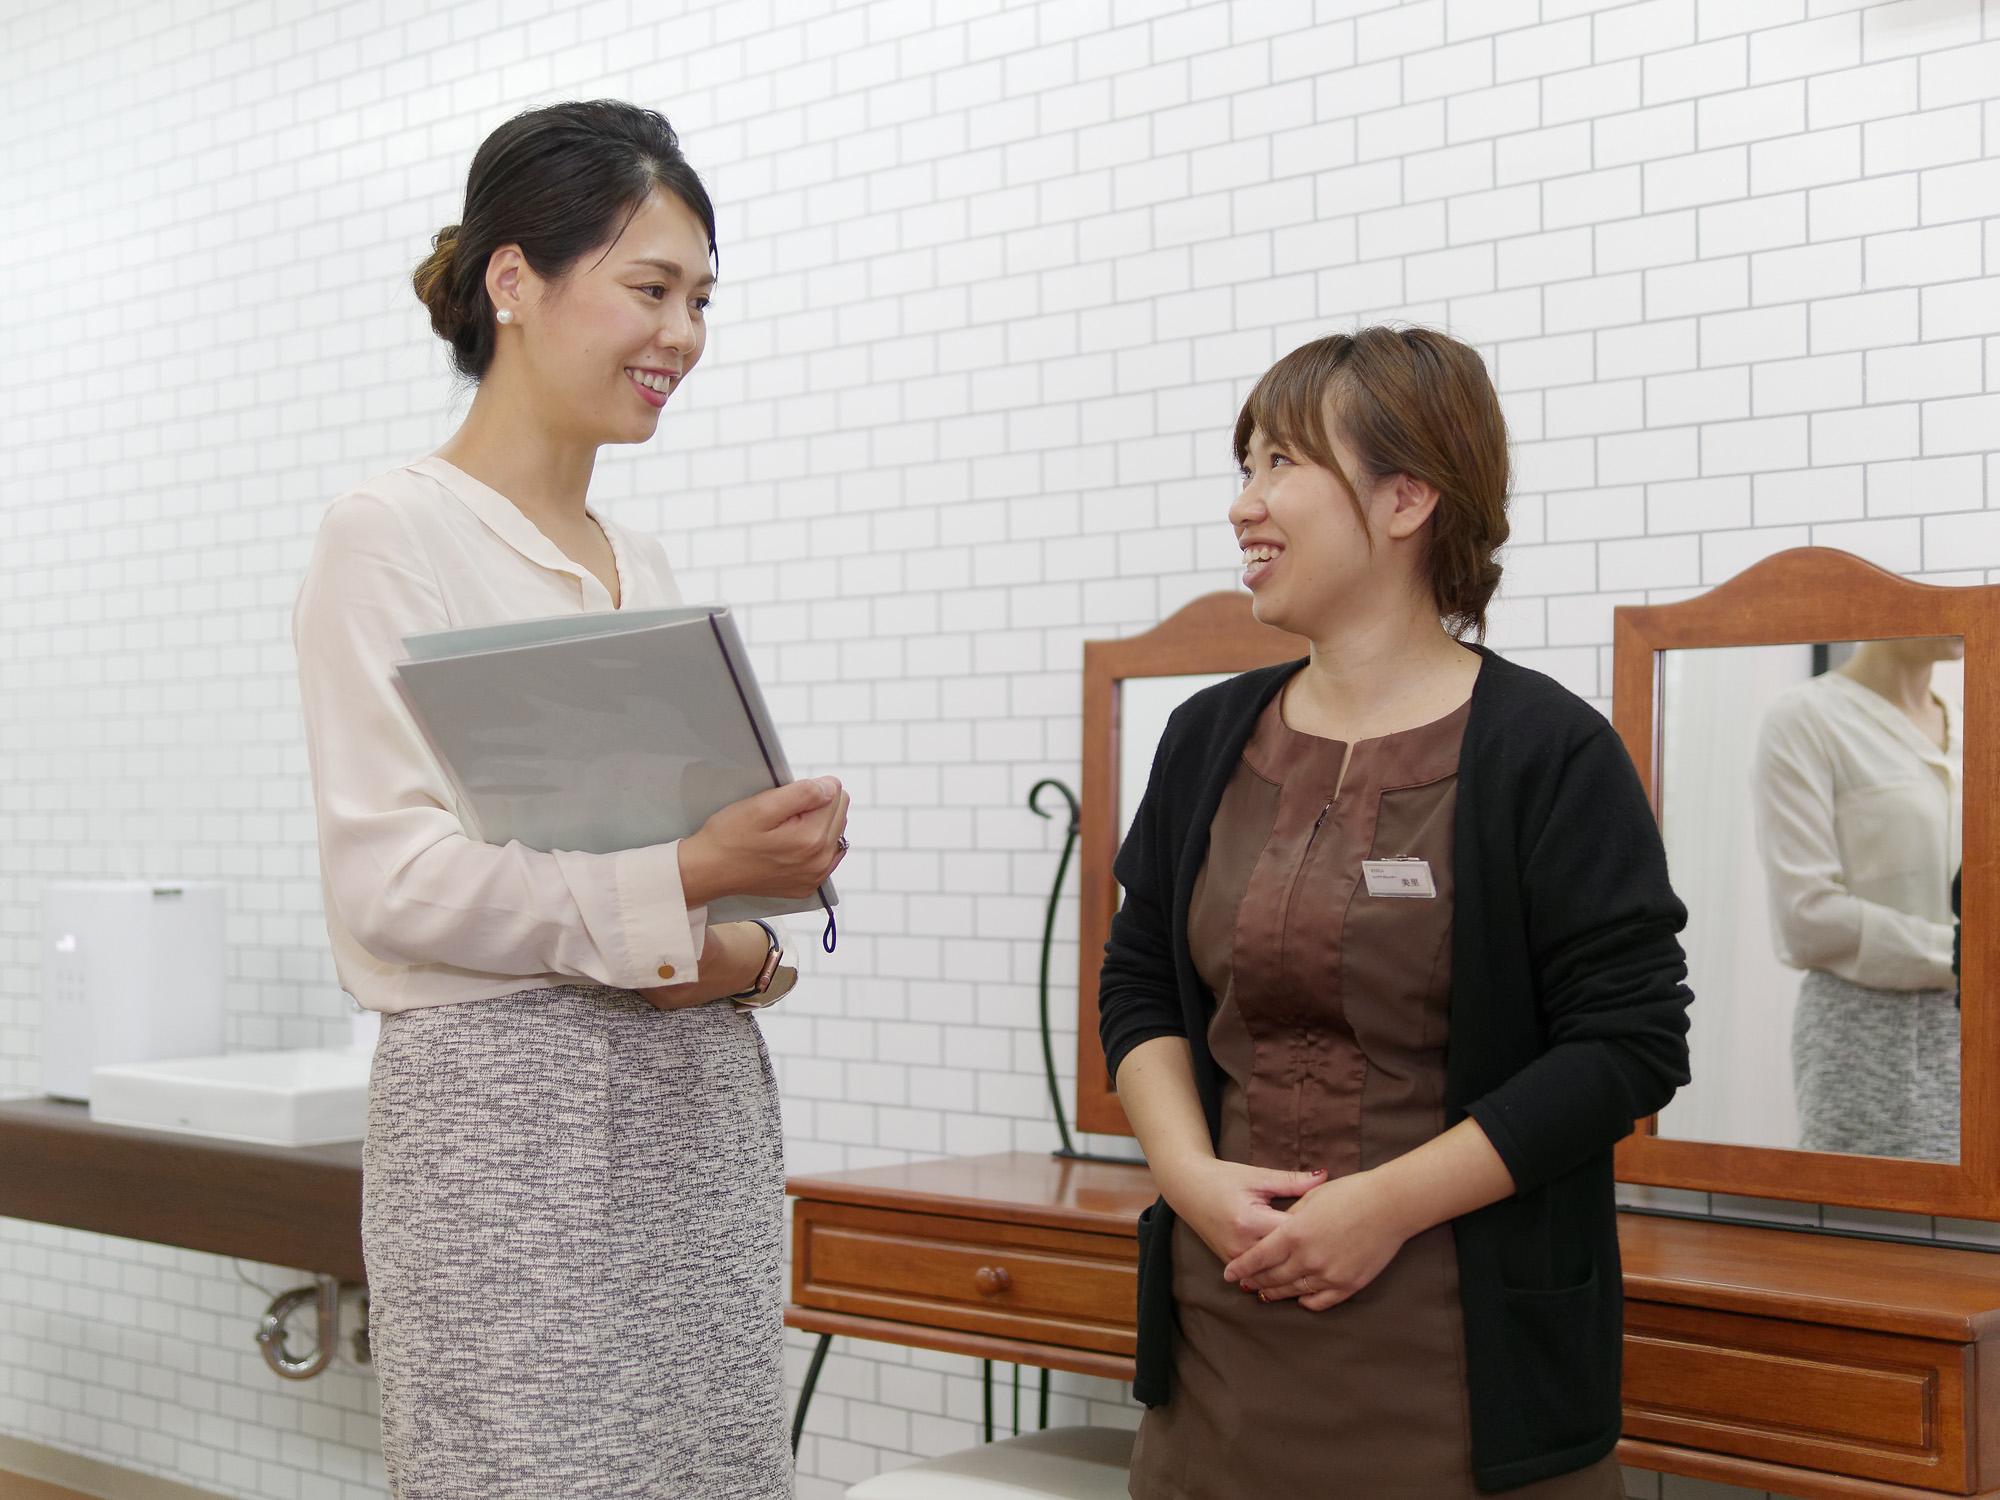 「朝EYELA」発案者の美里彩さん(写真右)は、現在9時~16時勤務。「子どもを保育園に預けてそのままサロンへ直行できるので、朝の時間を持て余すことがなくなりました」